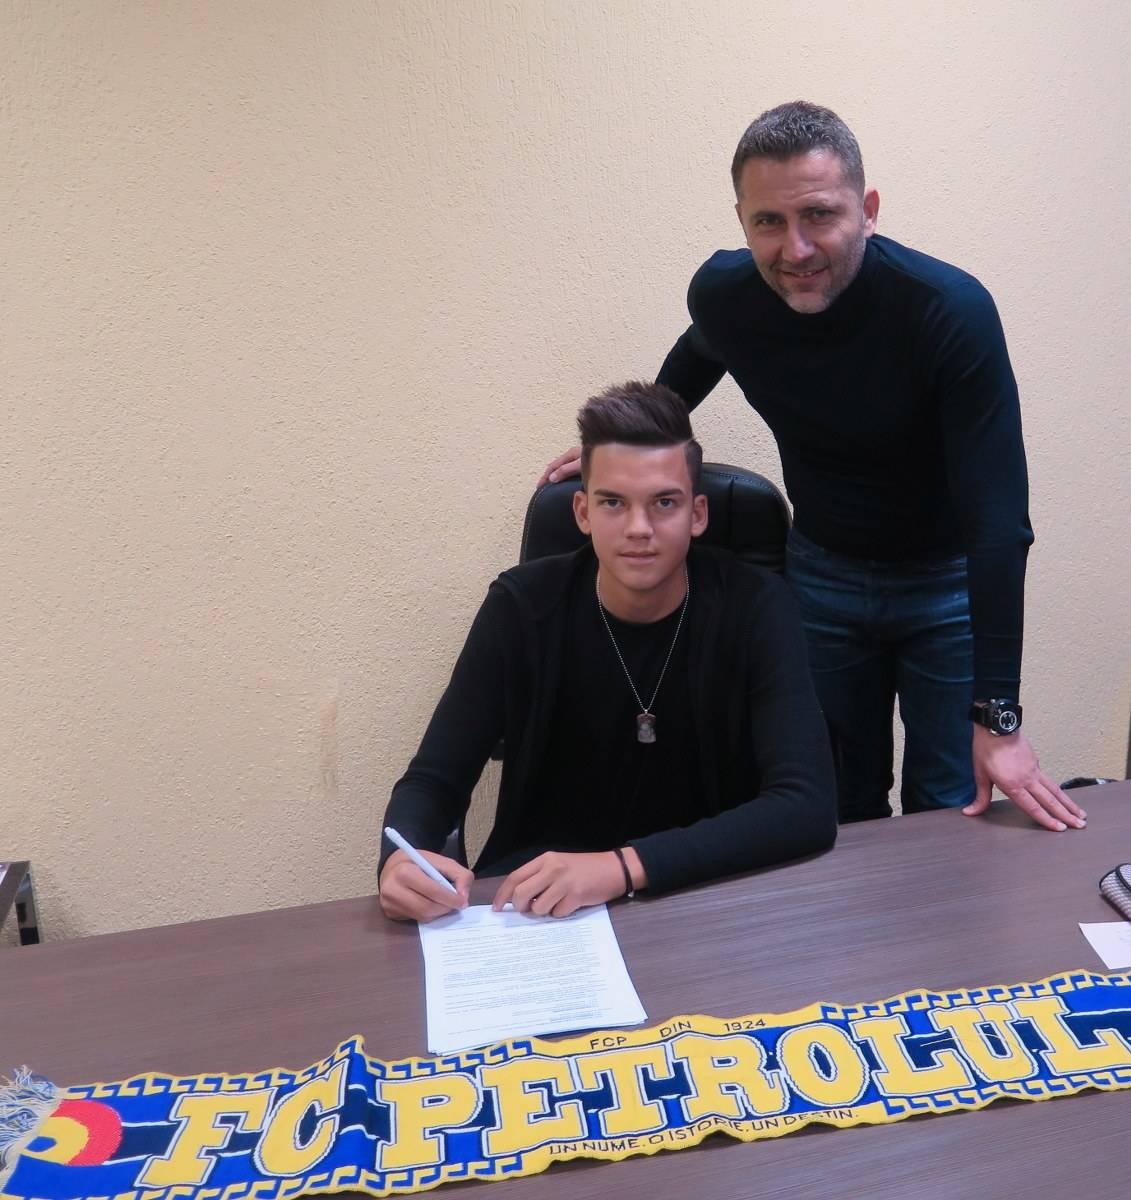 FC Petrolul a semnat și cu un fotbalist de viitor. Cârjan vine din aceeași serie, de la Viitorul Domnești